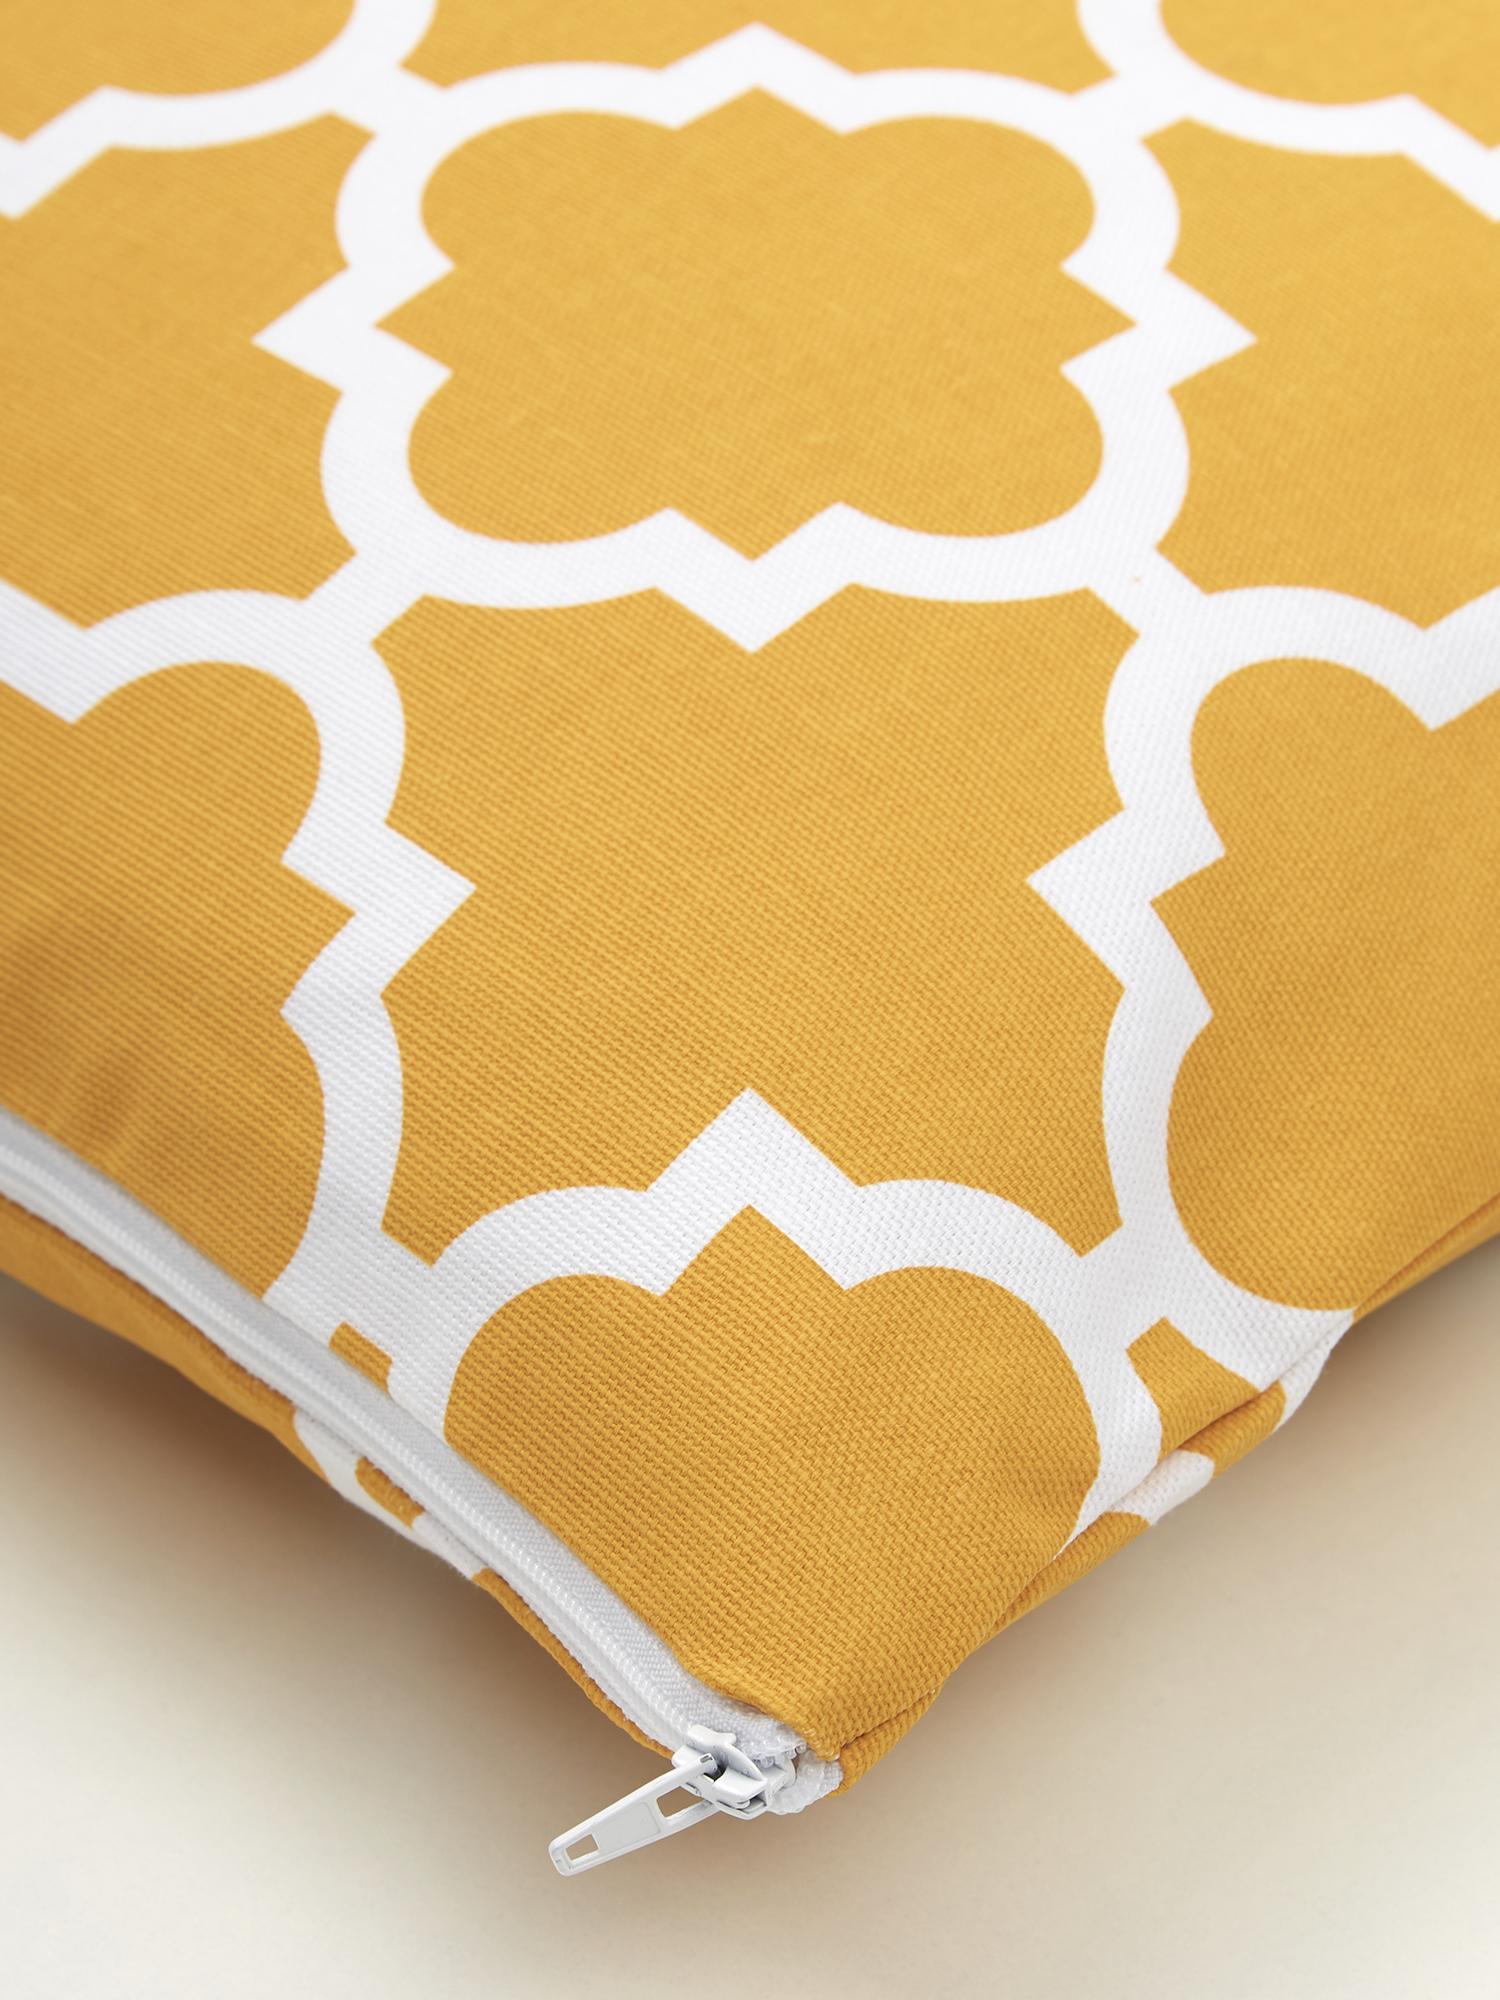 Housse de coussin 45x45 graphique Lana, Jaune moutarde, blanc